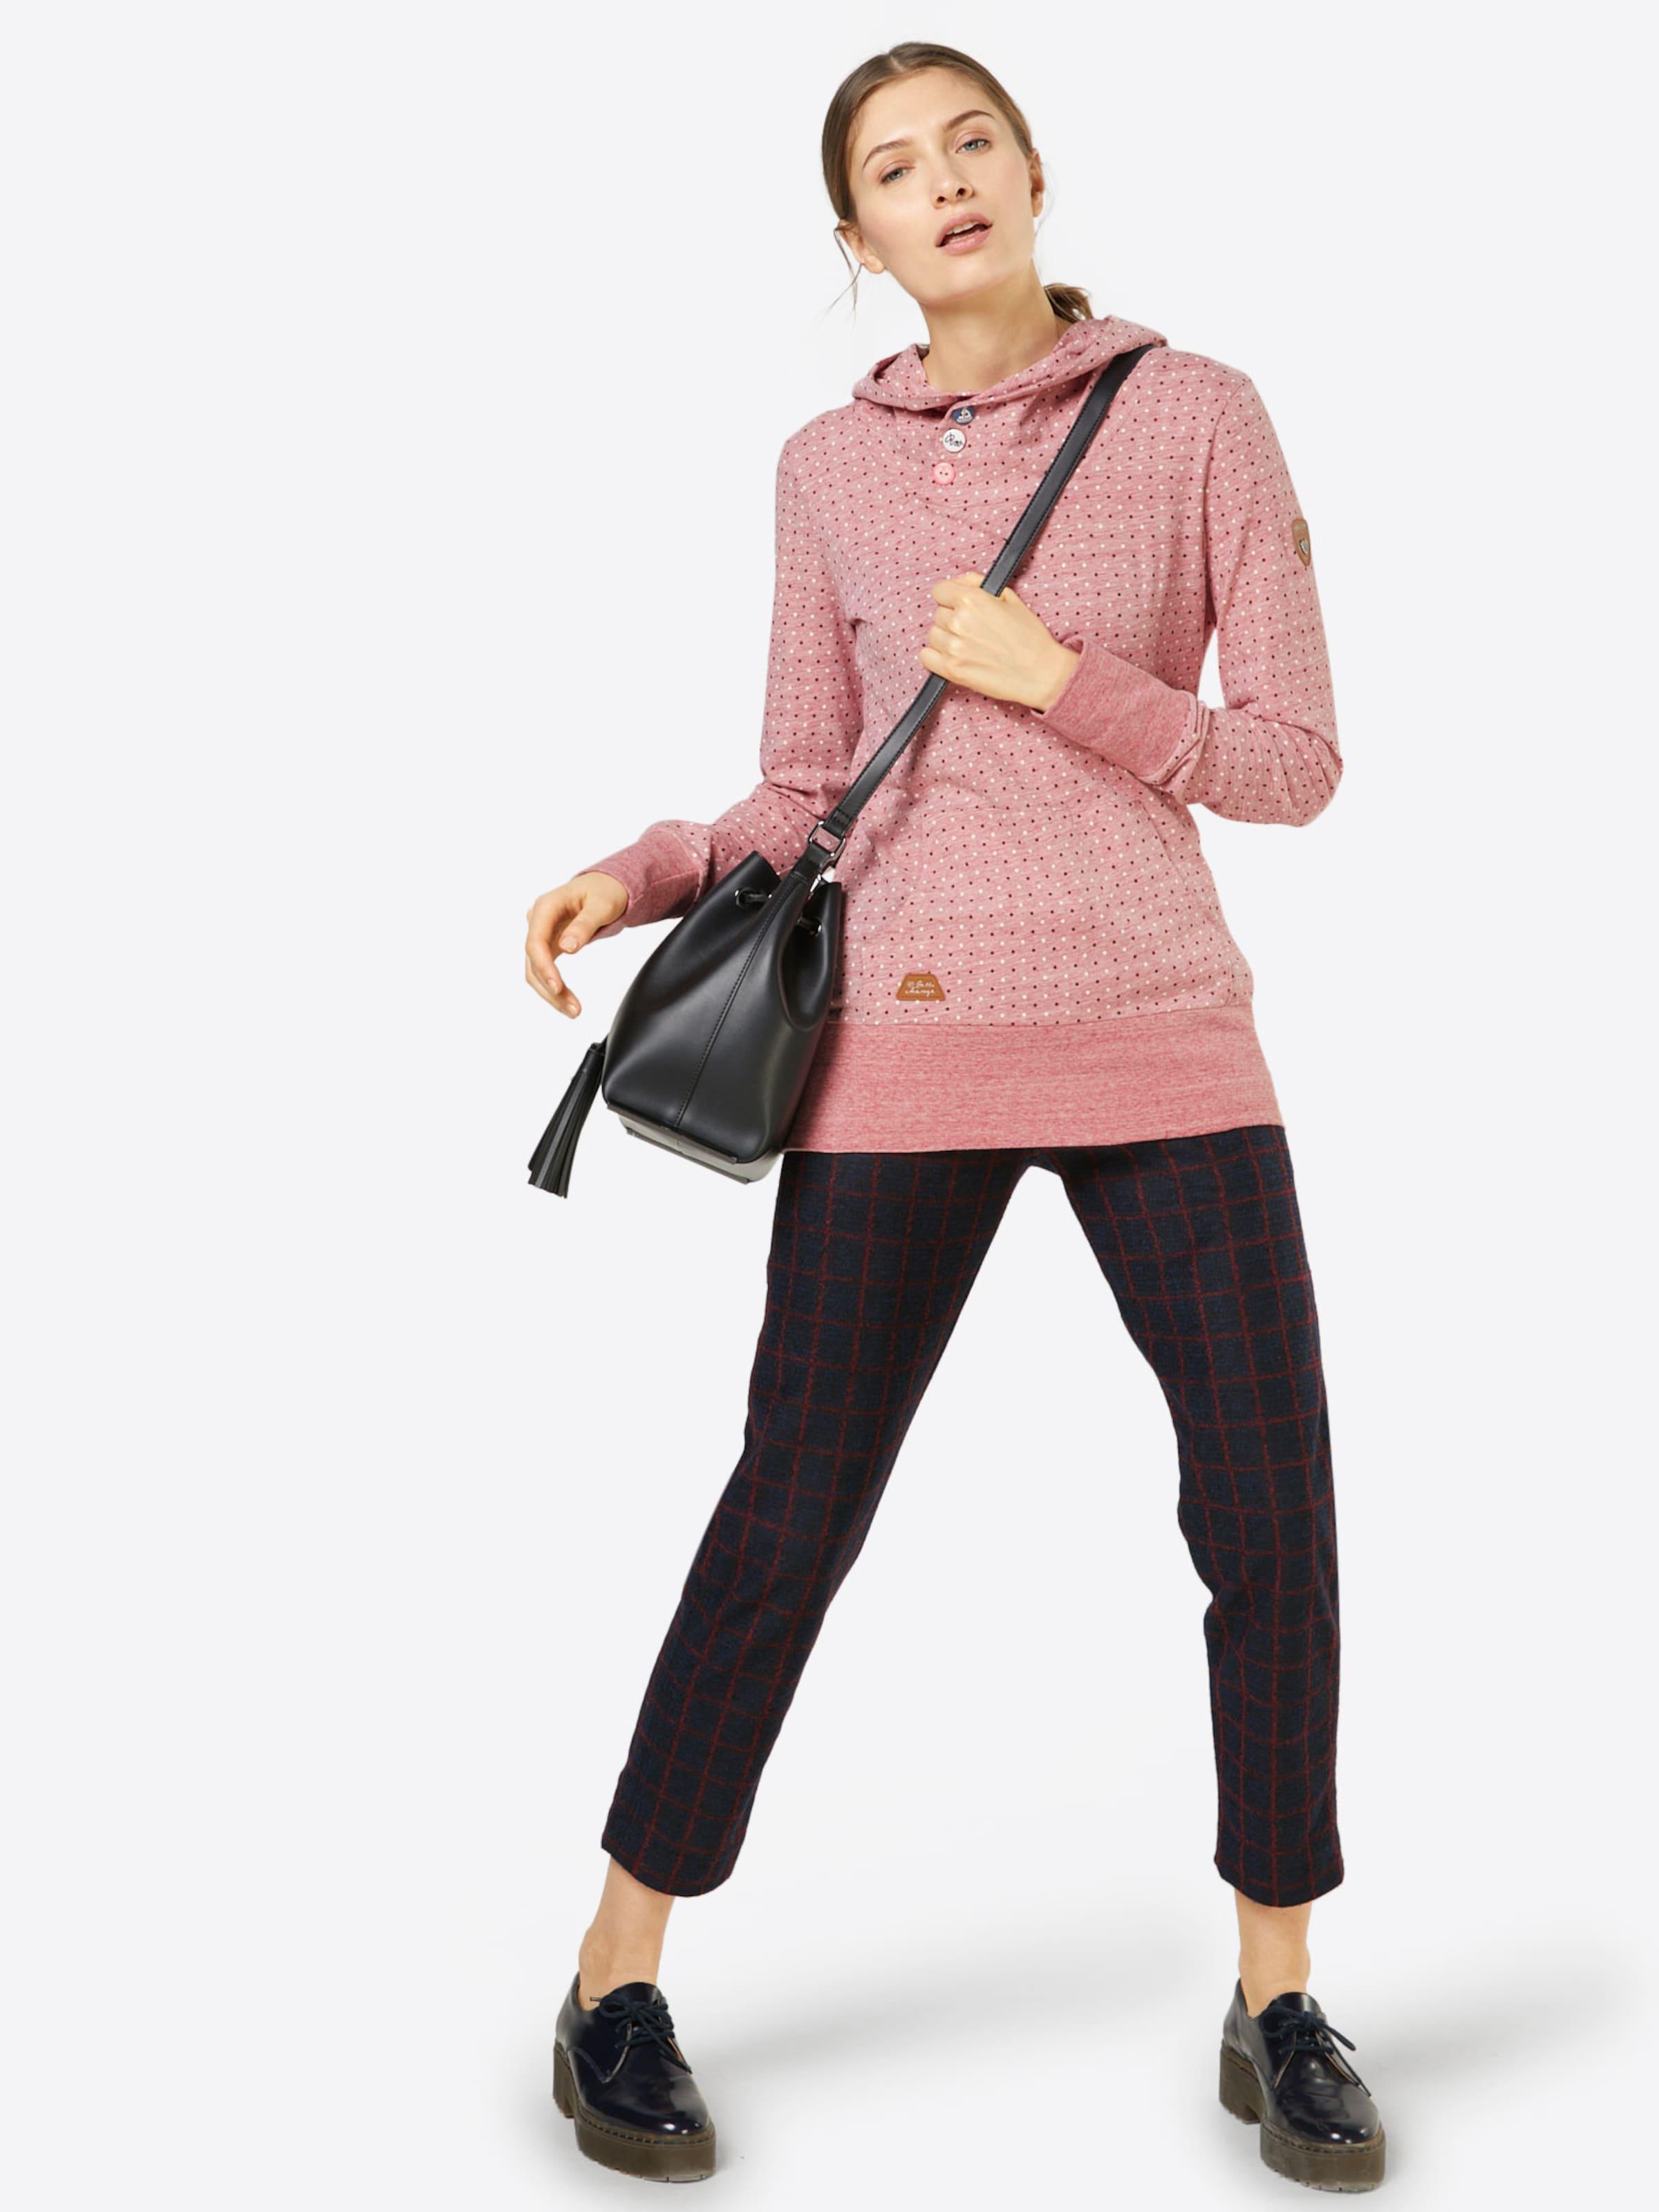 Factory-Outlet-Verkauf Online Mode-Stil Zu Verkaufen Ragwear Shirt 'CHELSEA DOTS' Spielraum Kauf Schnelle Lieferung Günstiger Preis Spielraum Finish PEmBGtQS